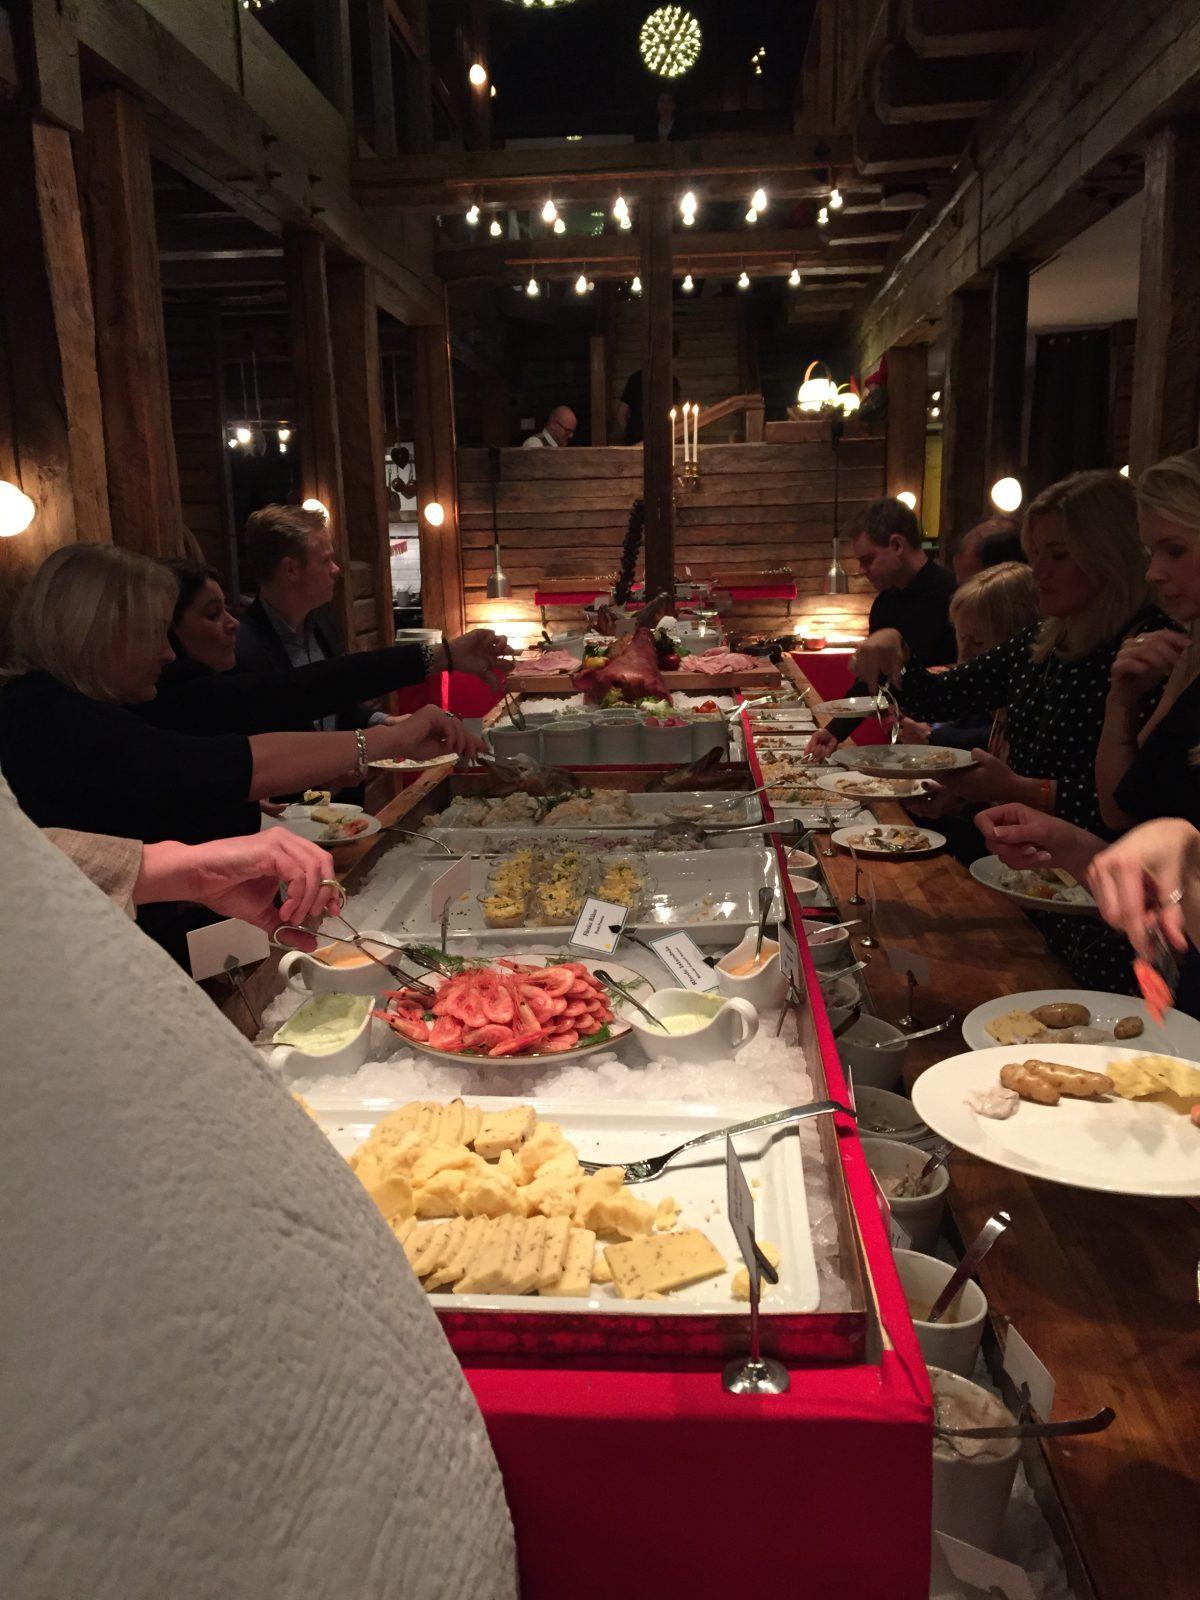 Julbord en Sjömagasinet Foto: Israel Úbeda / sweetsweden.com